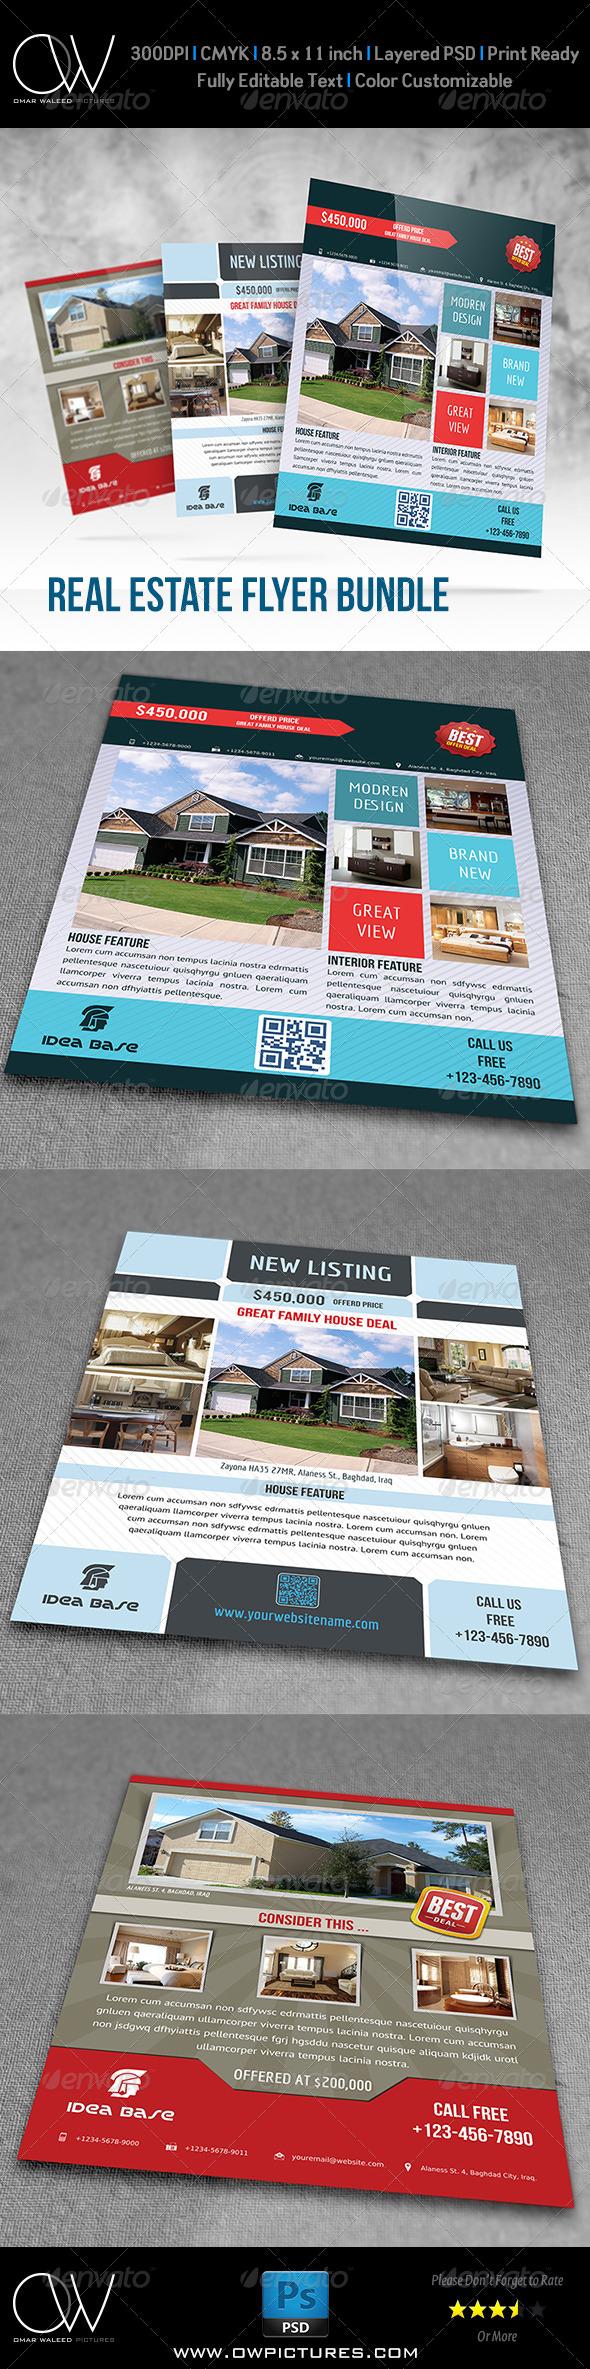 Real Estate Flyer Bundle Template Vol.1